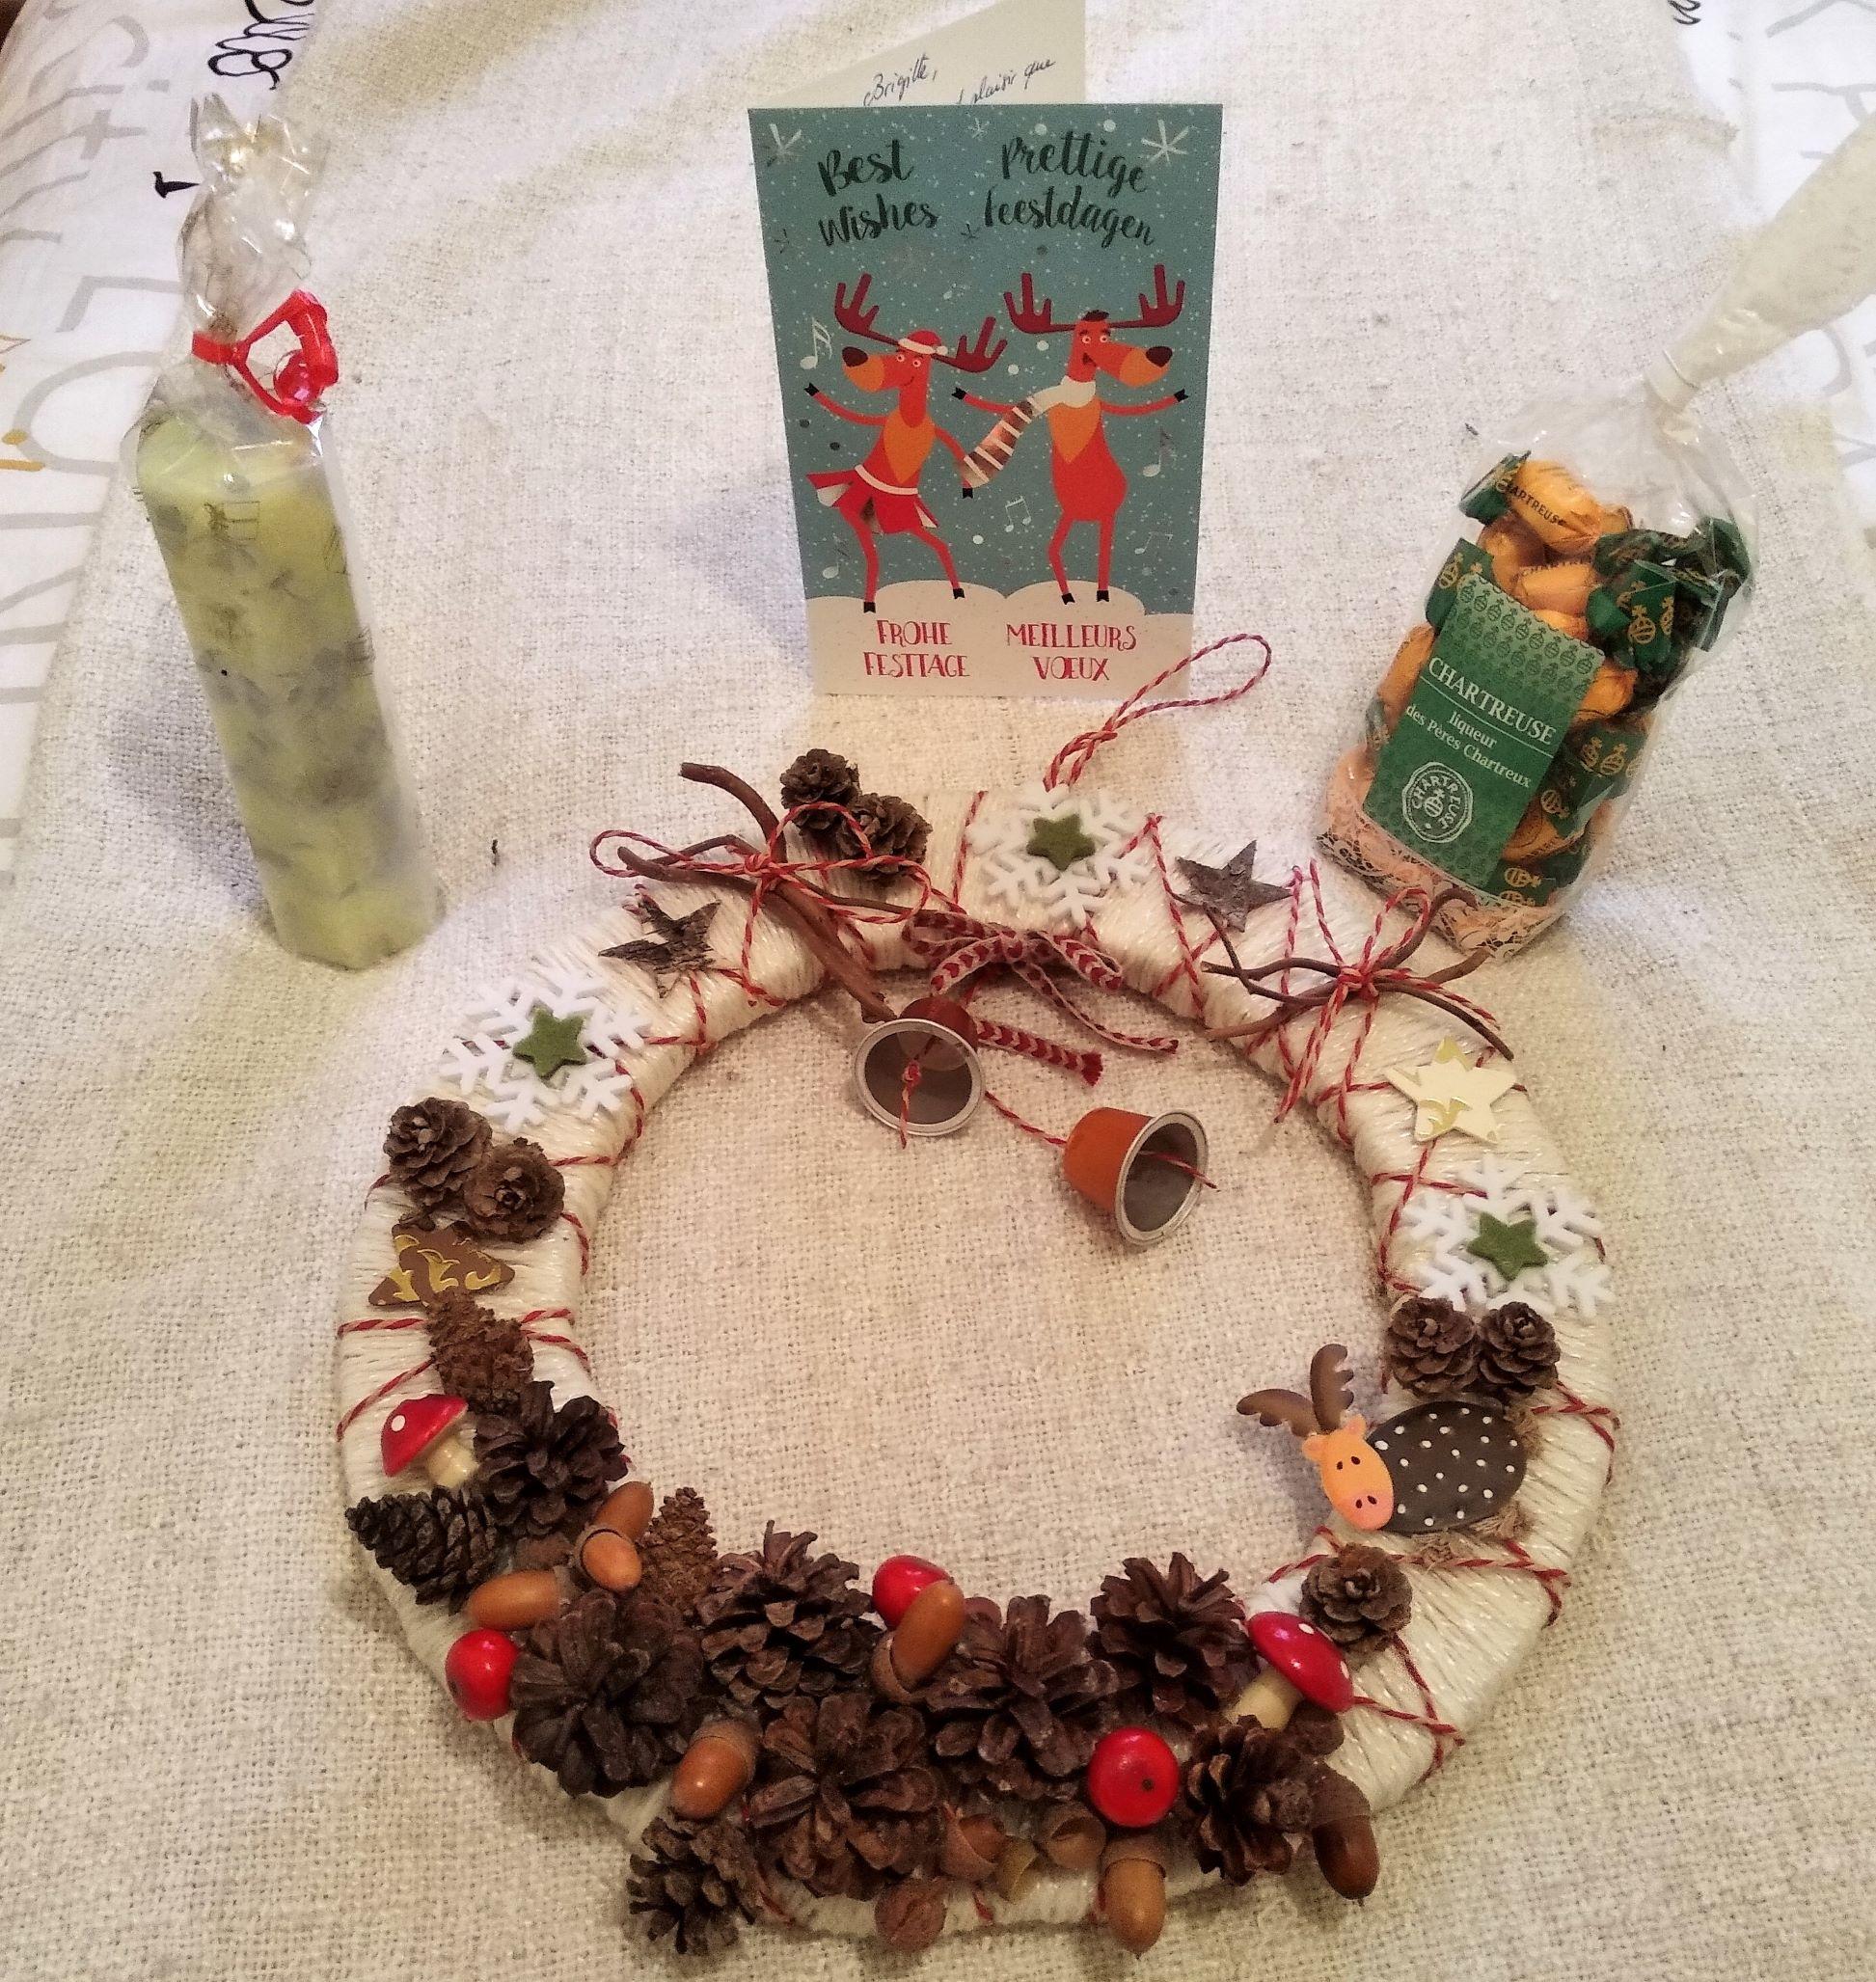 Swap de Noël 2018 : colis offert par Florence